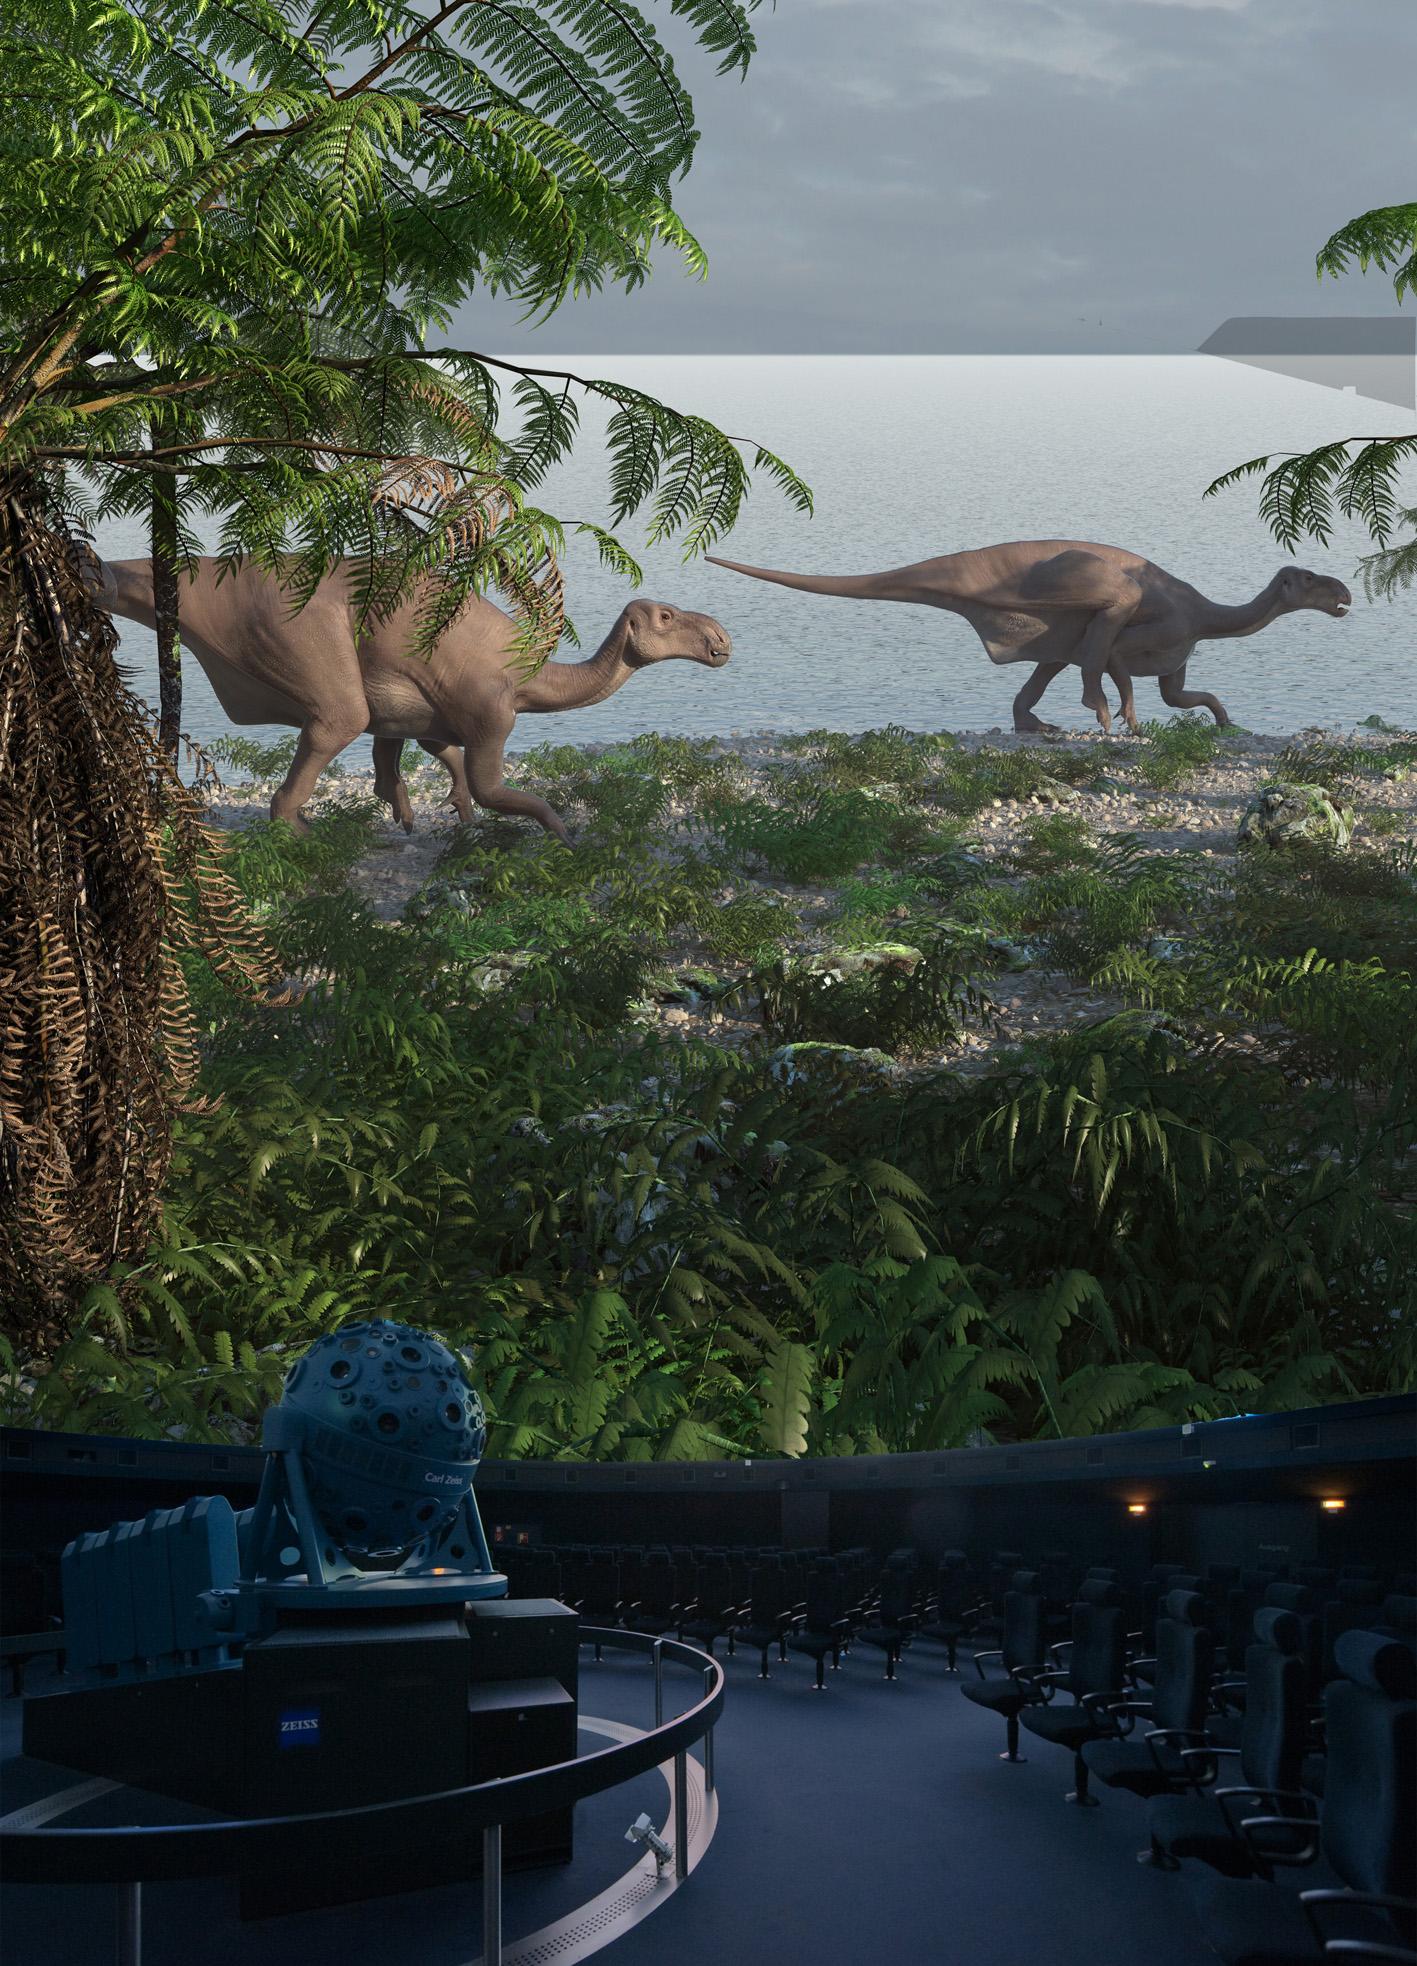 Bilddatei: Dinos und das Abenteuer.jpg